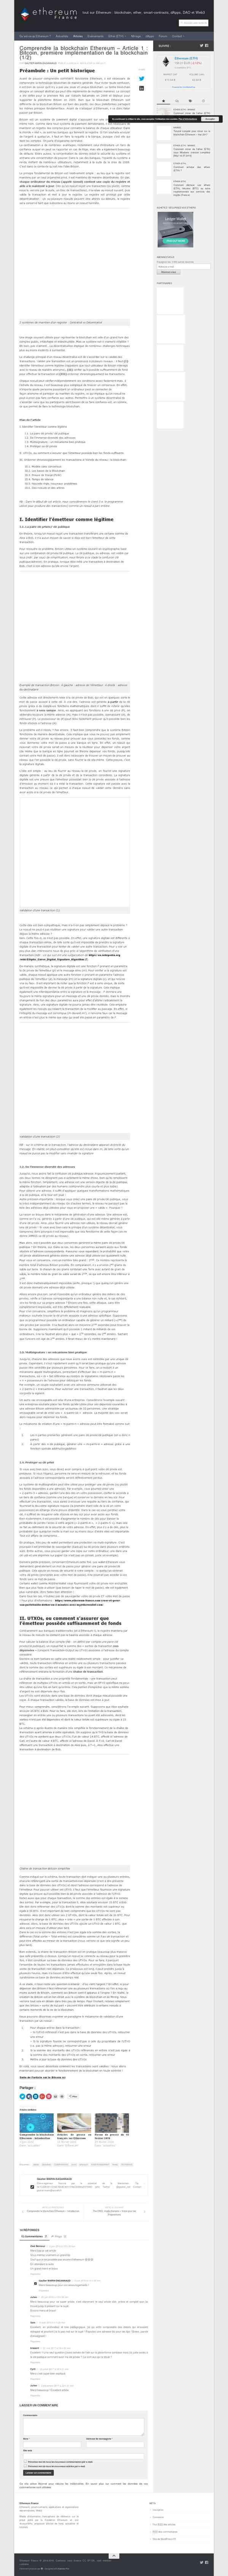 ethereum-france.com/comprendre-la-blockchain-ethereum-article-1-bitcoin-premiere-implementation-de-…